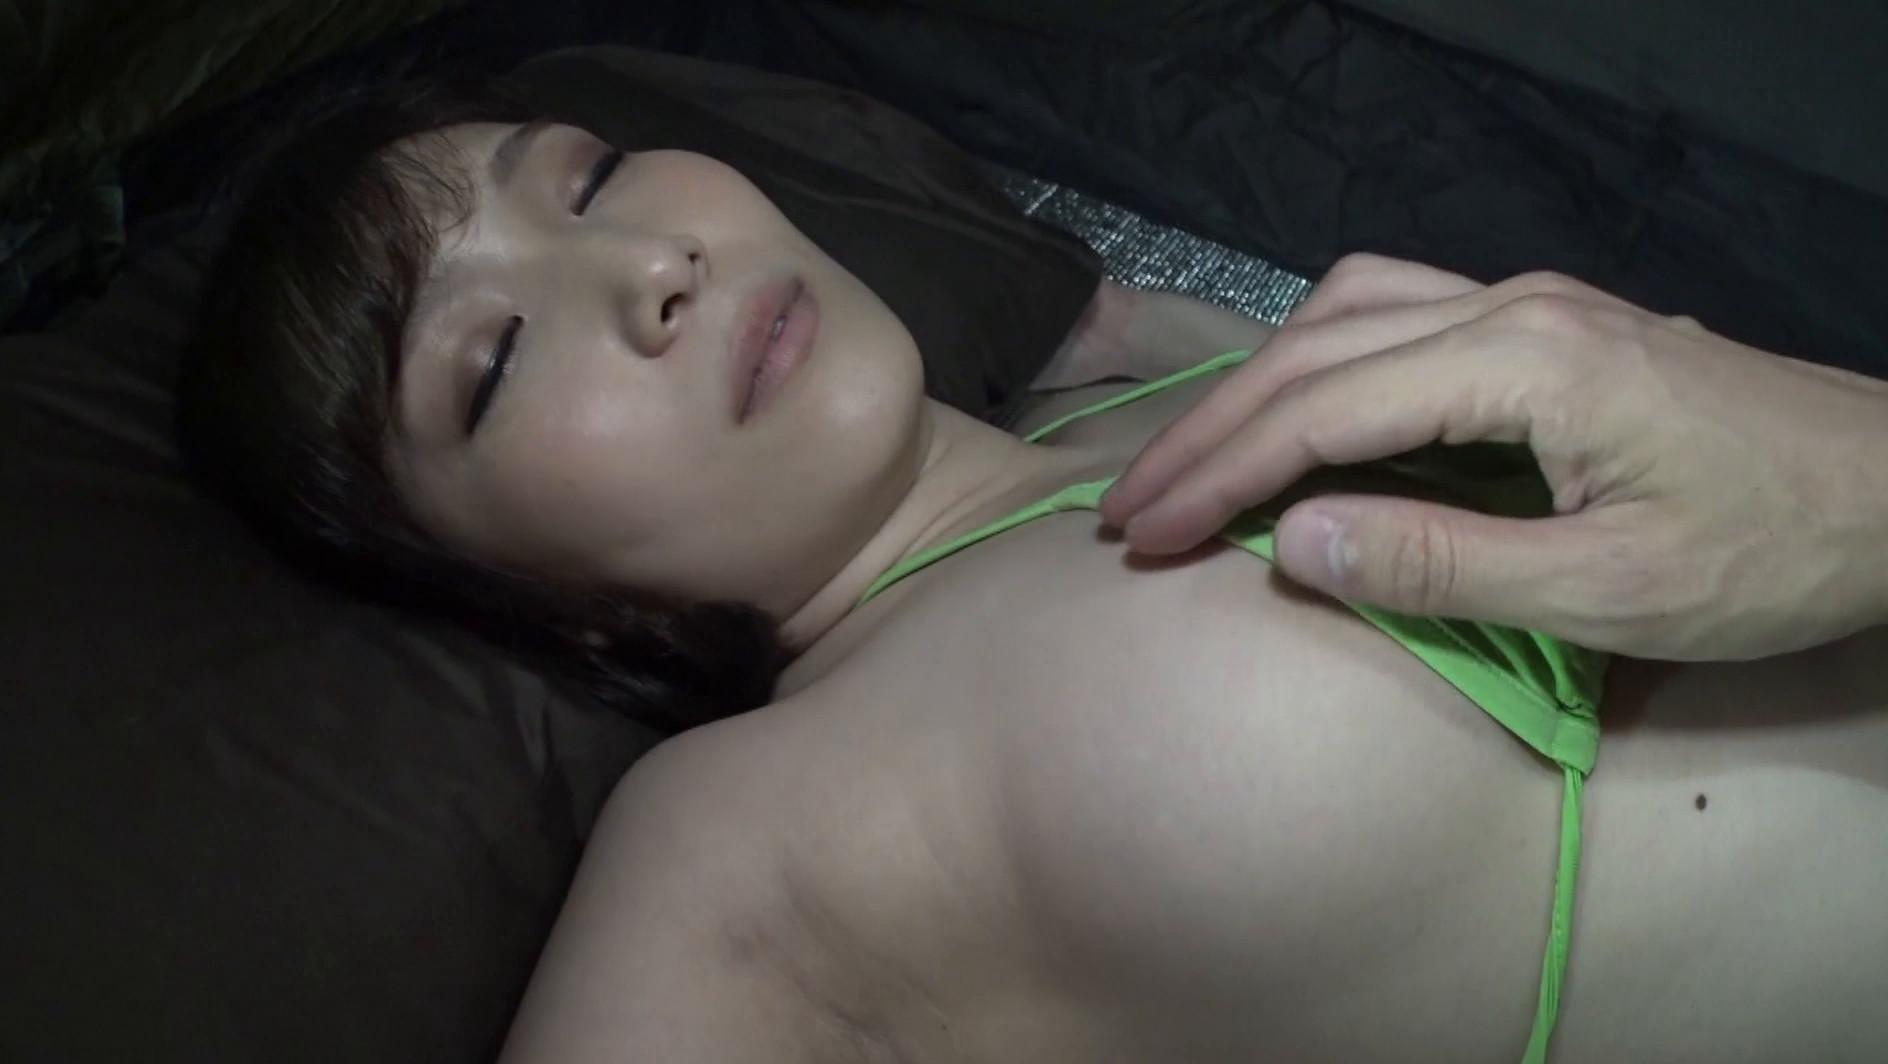 いたずらキャンプ 酔いつぶれた女子大生にチカンして精子ぶっかけてみた 画像18